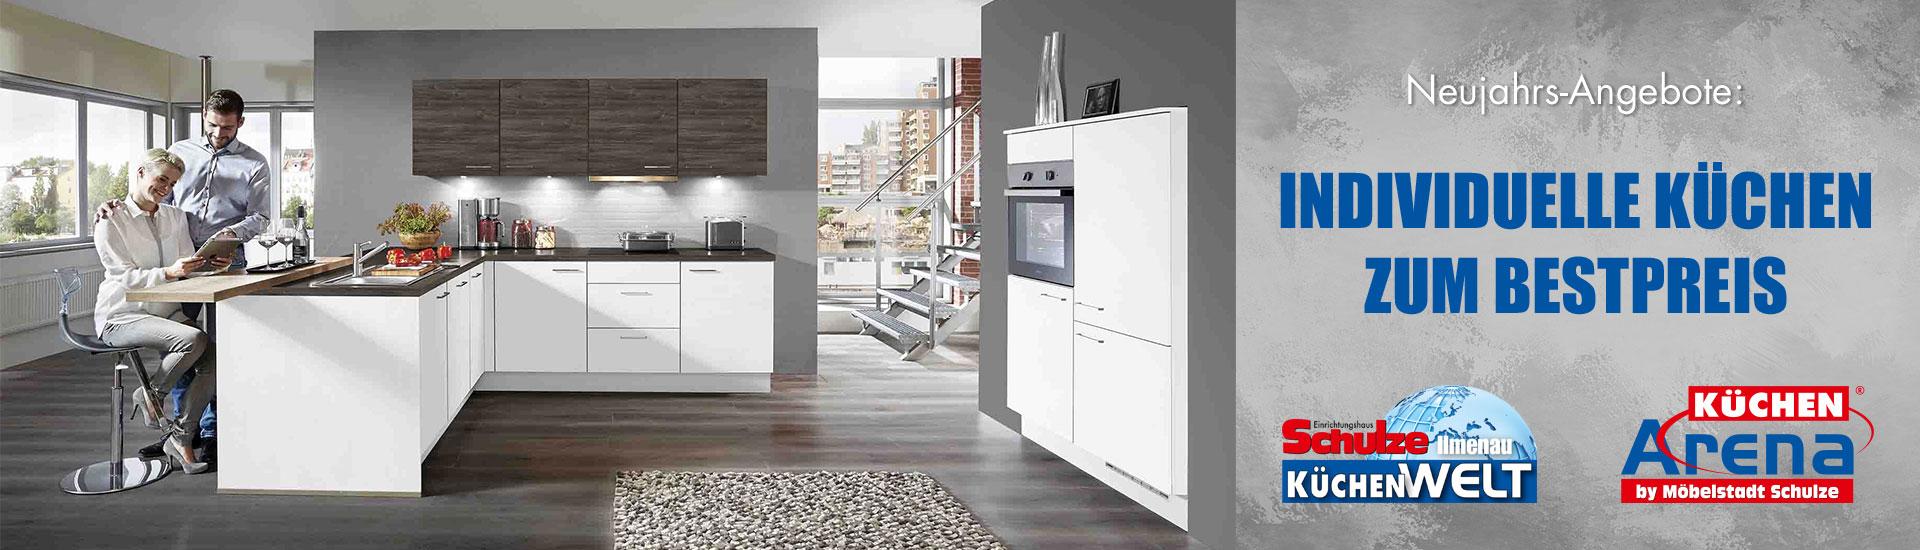 best m bel martin k chen angebote images ideas design. Black Bedroom Furniture Sets. Home Design Ideas